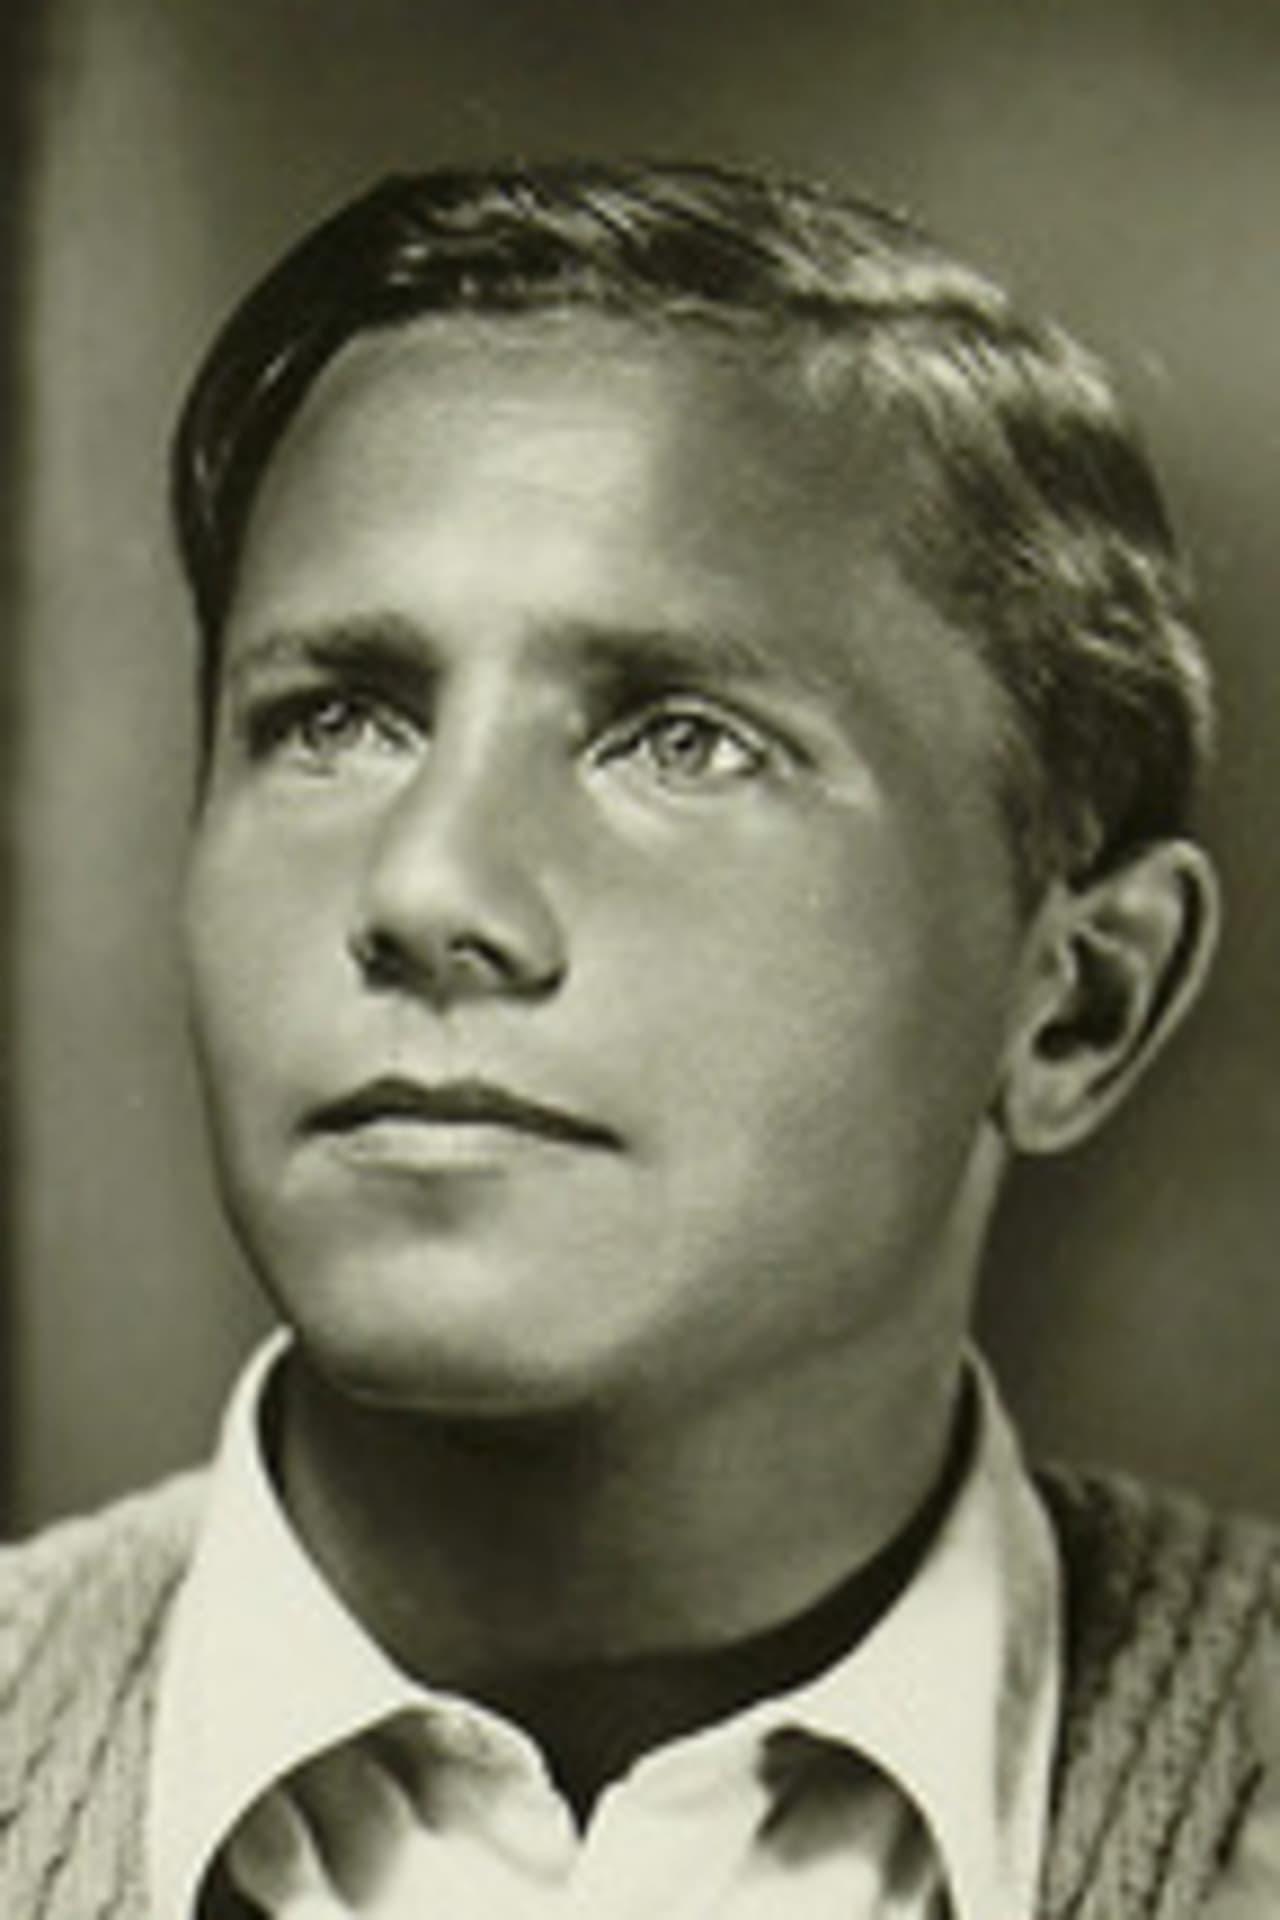 Carl Ballhaus